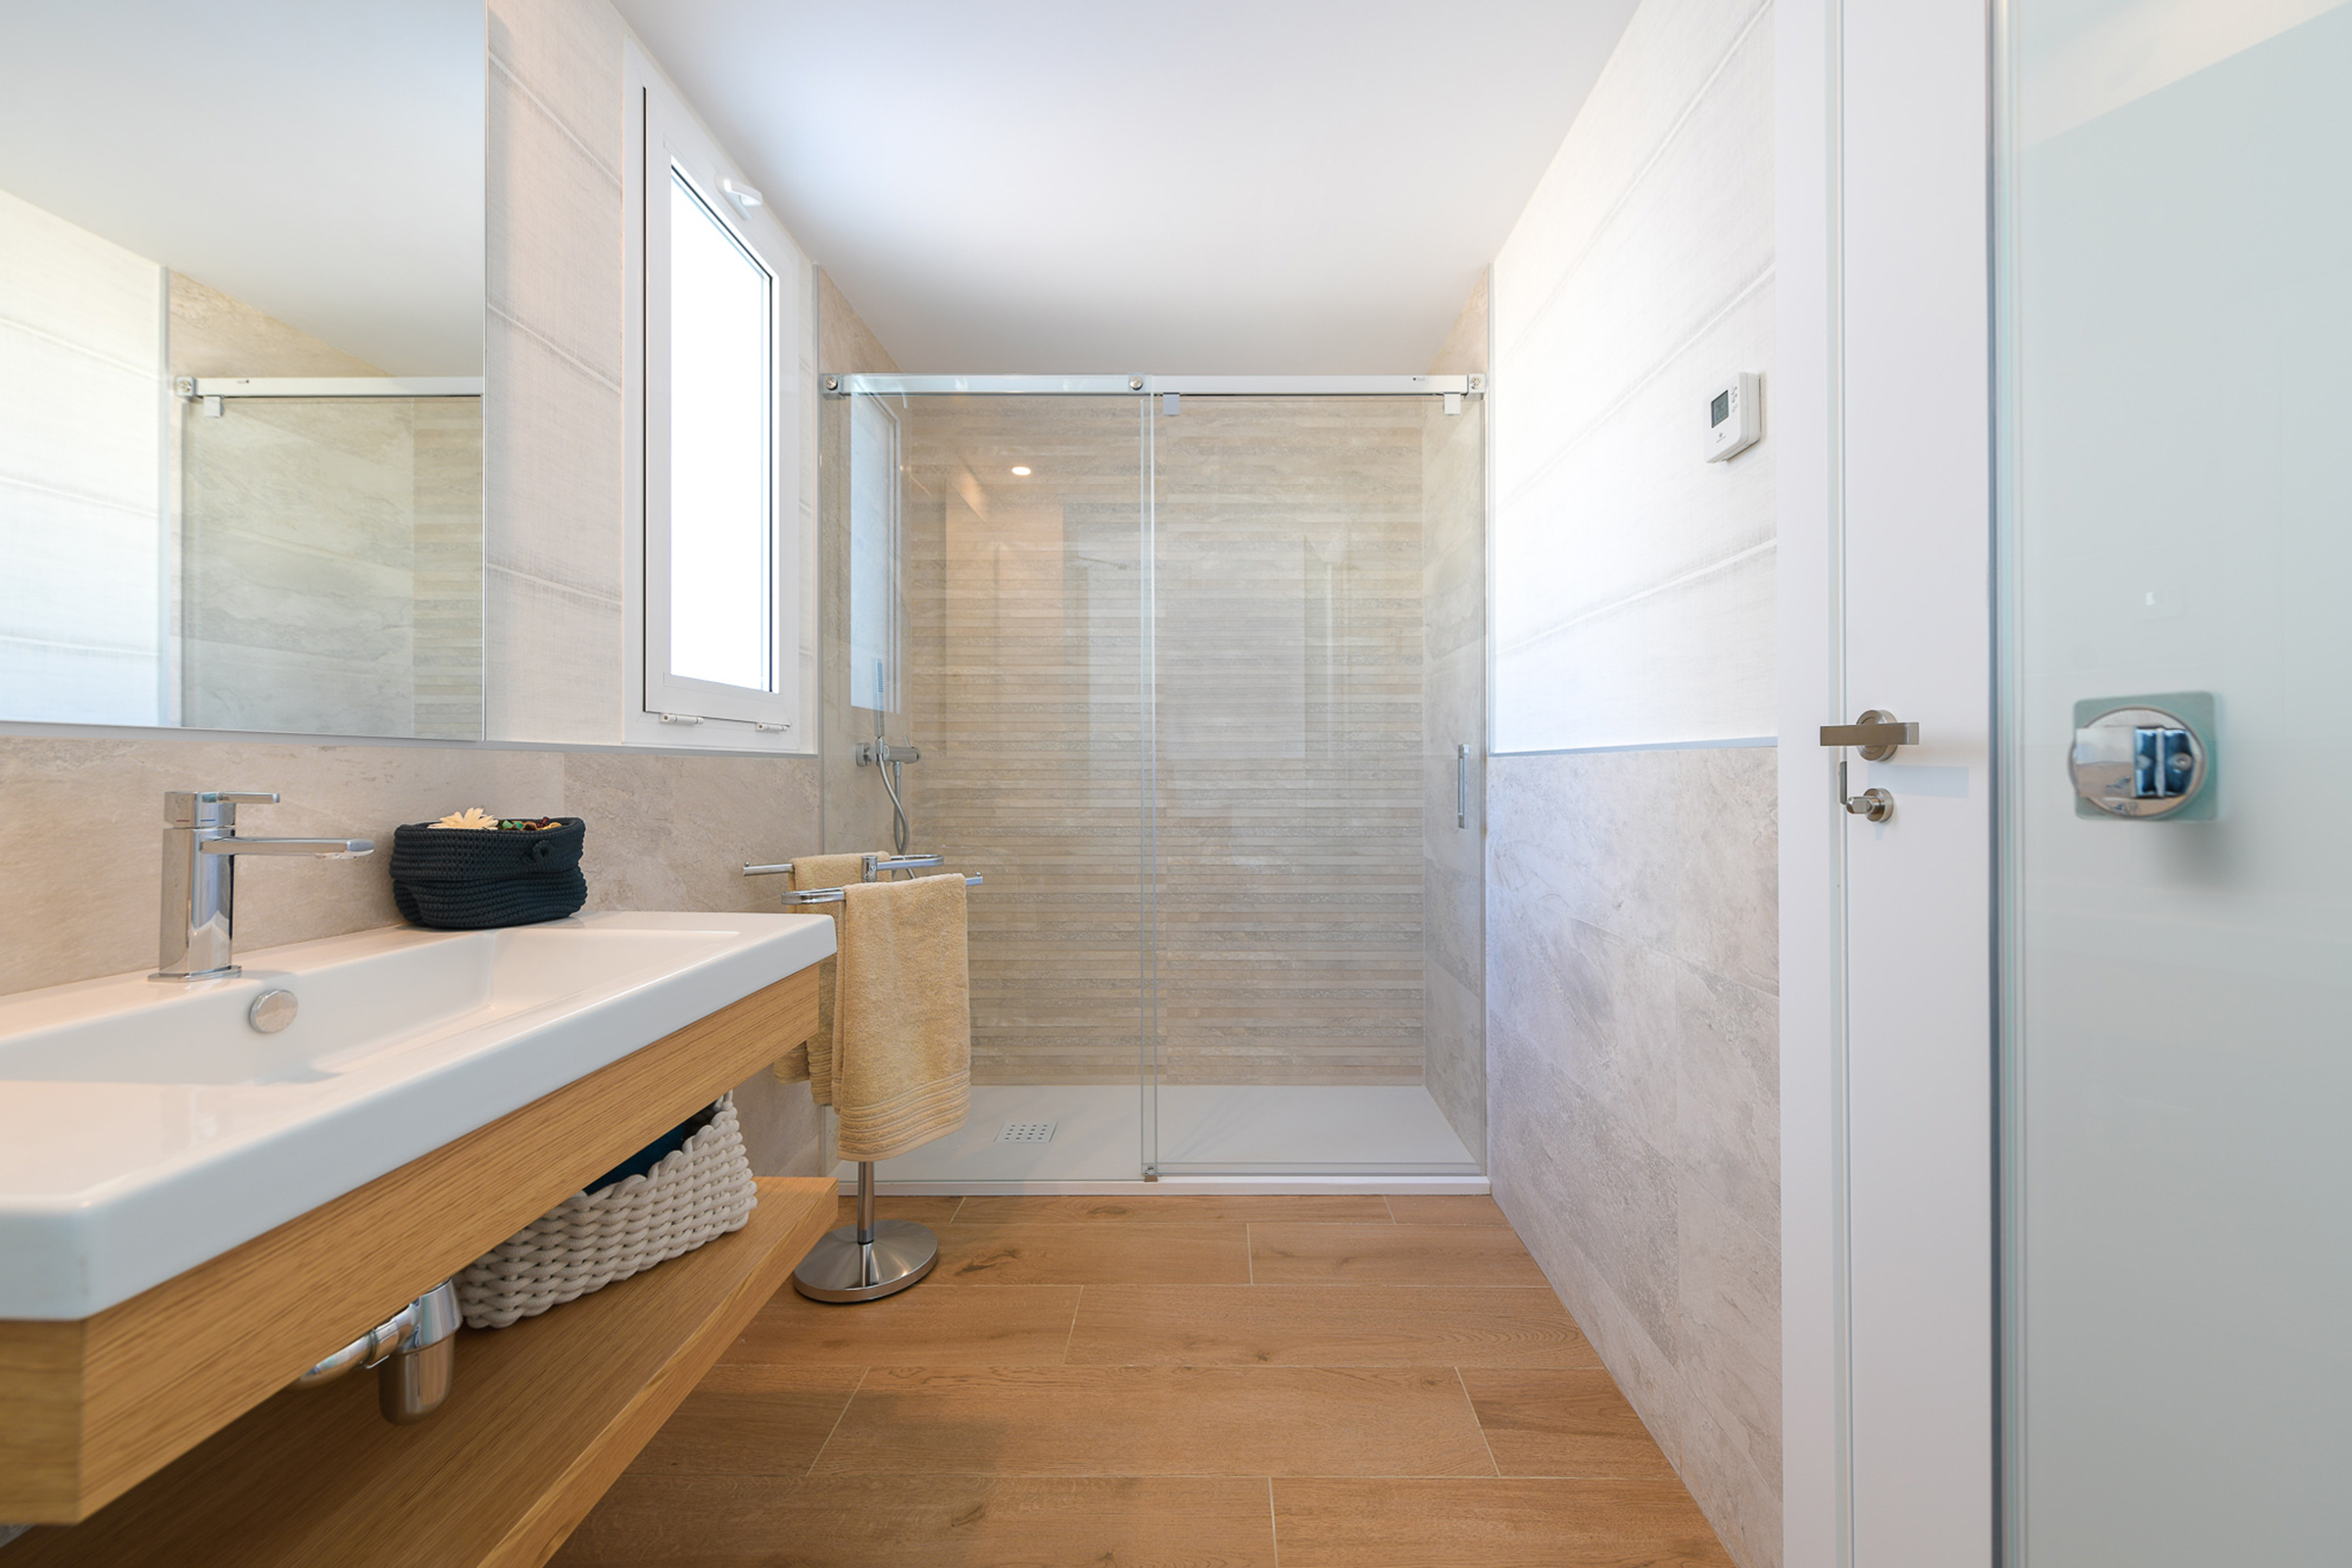 Baño integrado en el dormitorio con grandes calidades